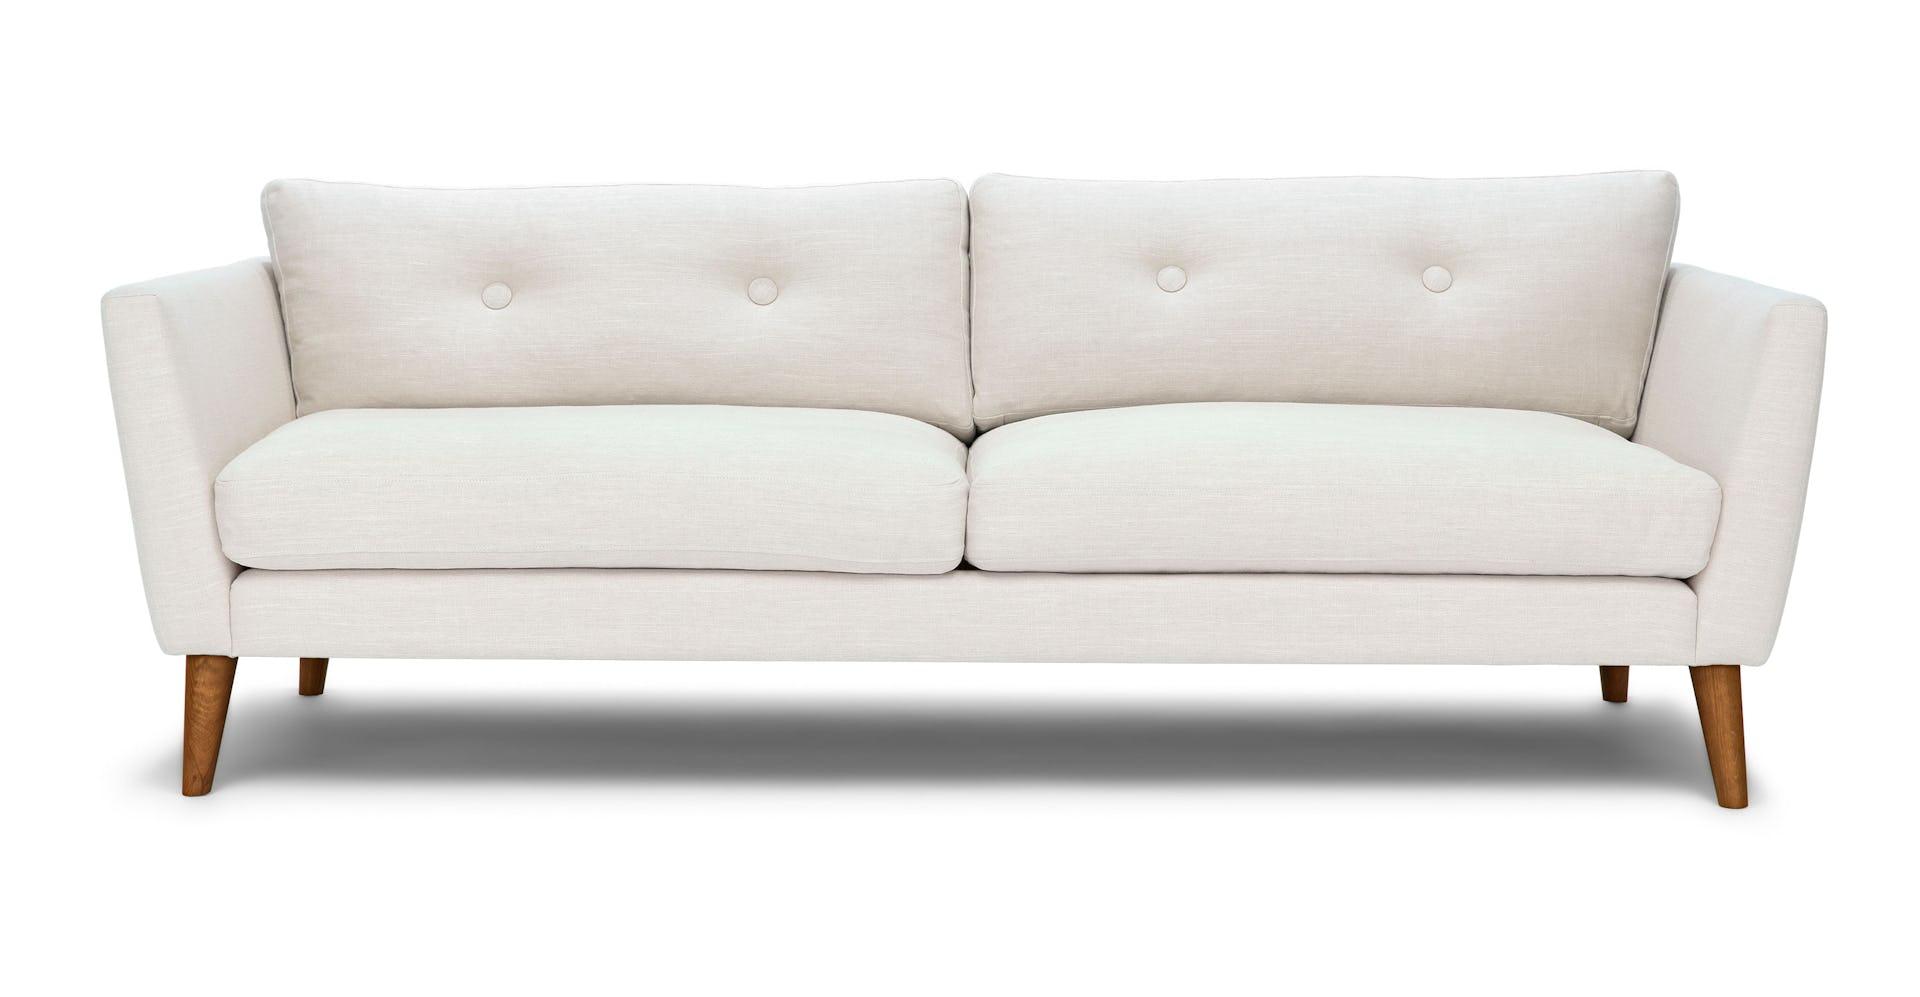 Swell Emil Quartz White Sofa Lamtechconsult Wood Chair Design Ideas Lamtechconsultcom